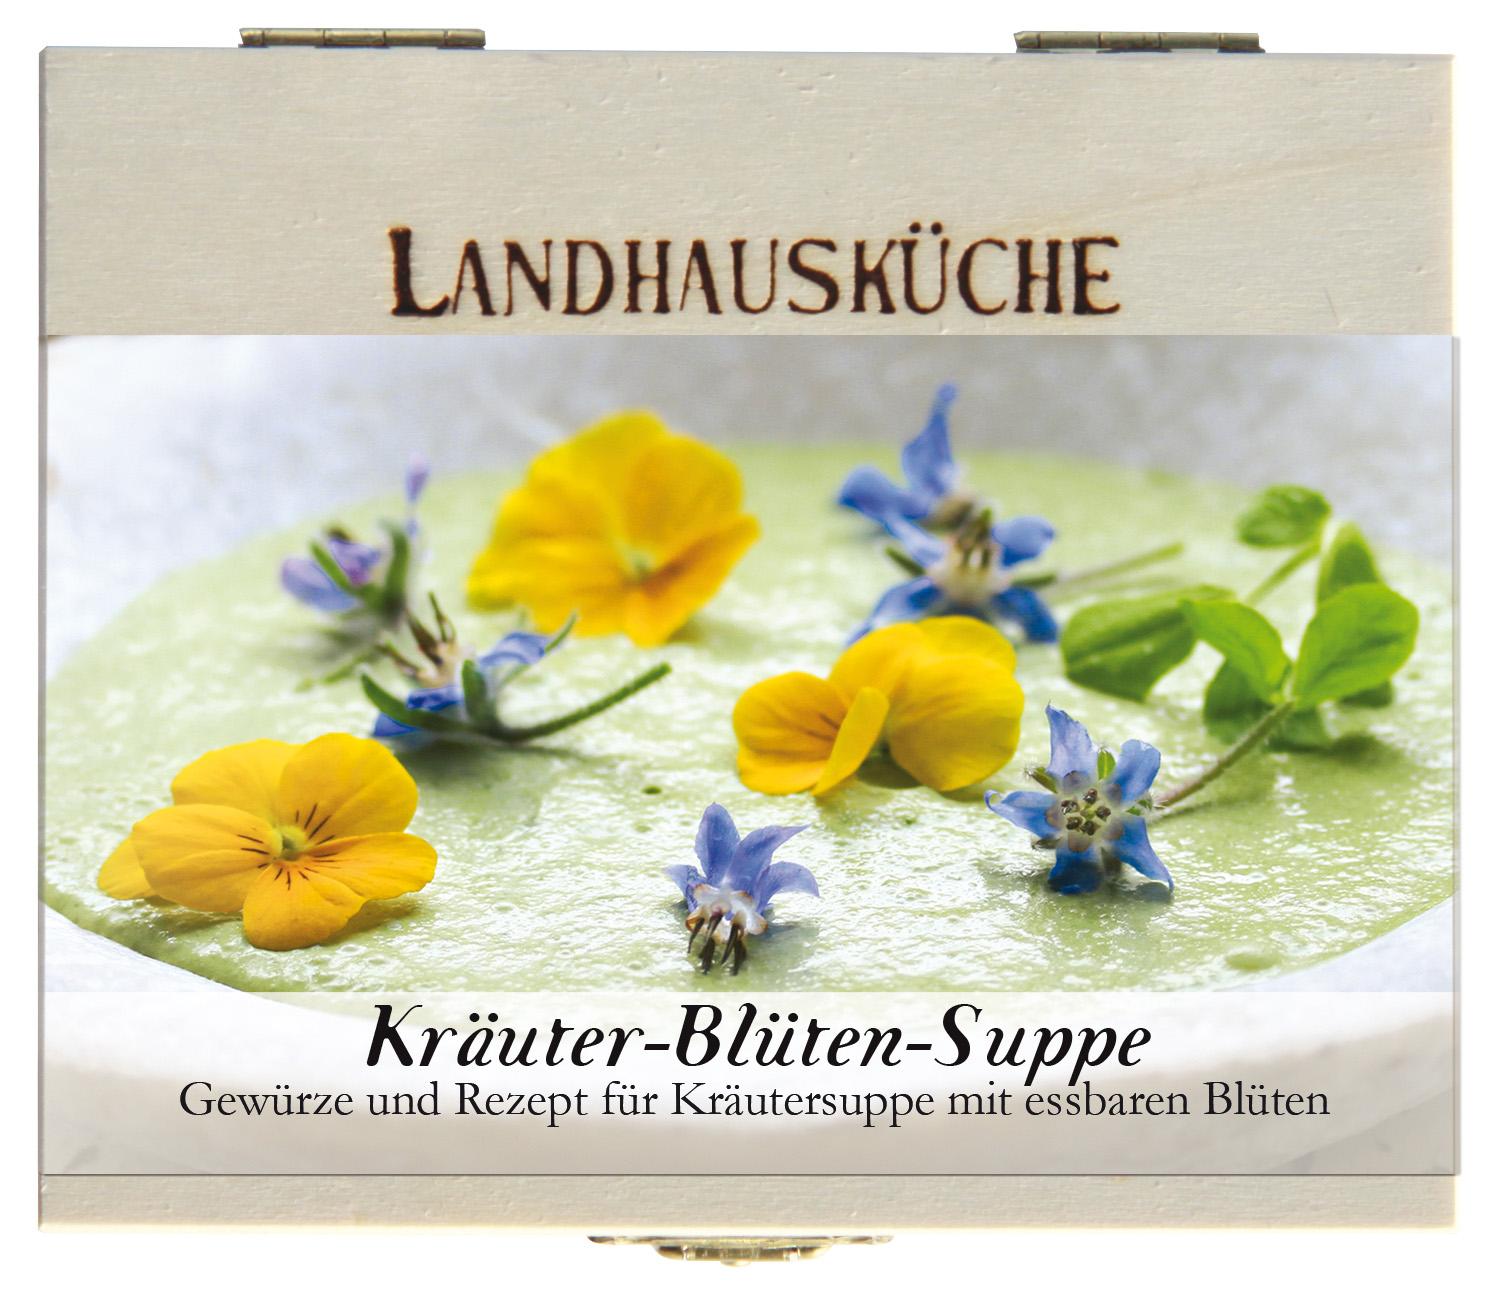 Kräuter-Blüten-Suppe